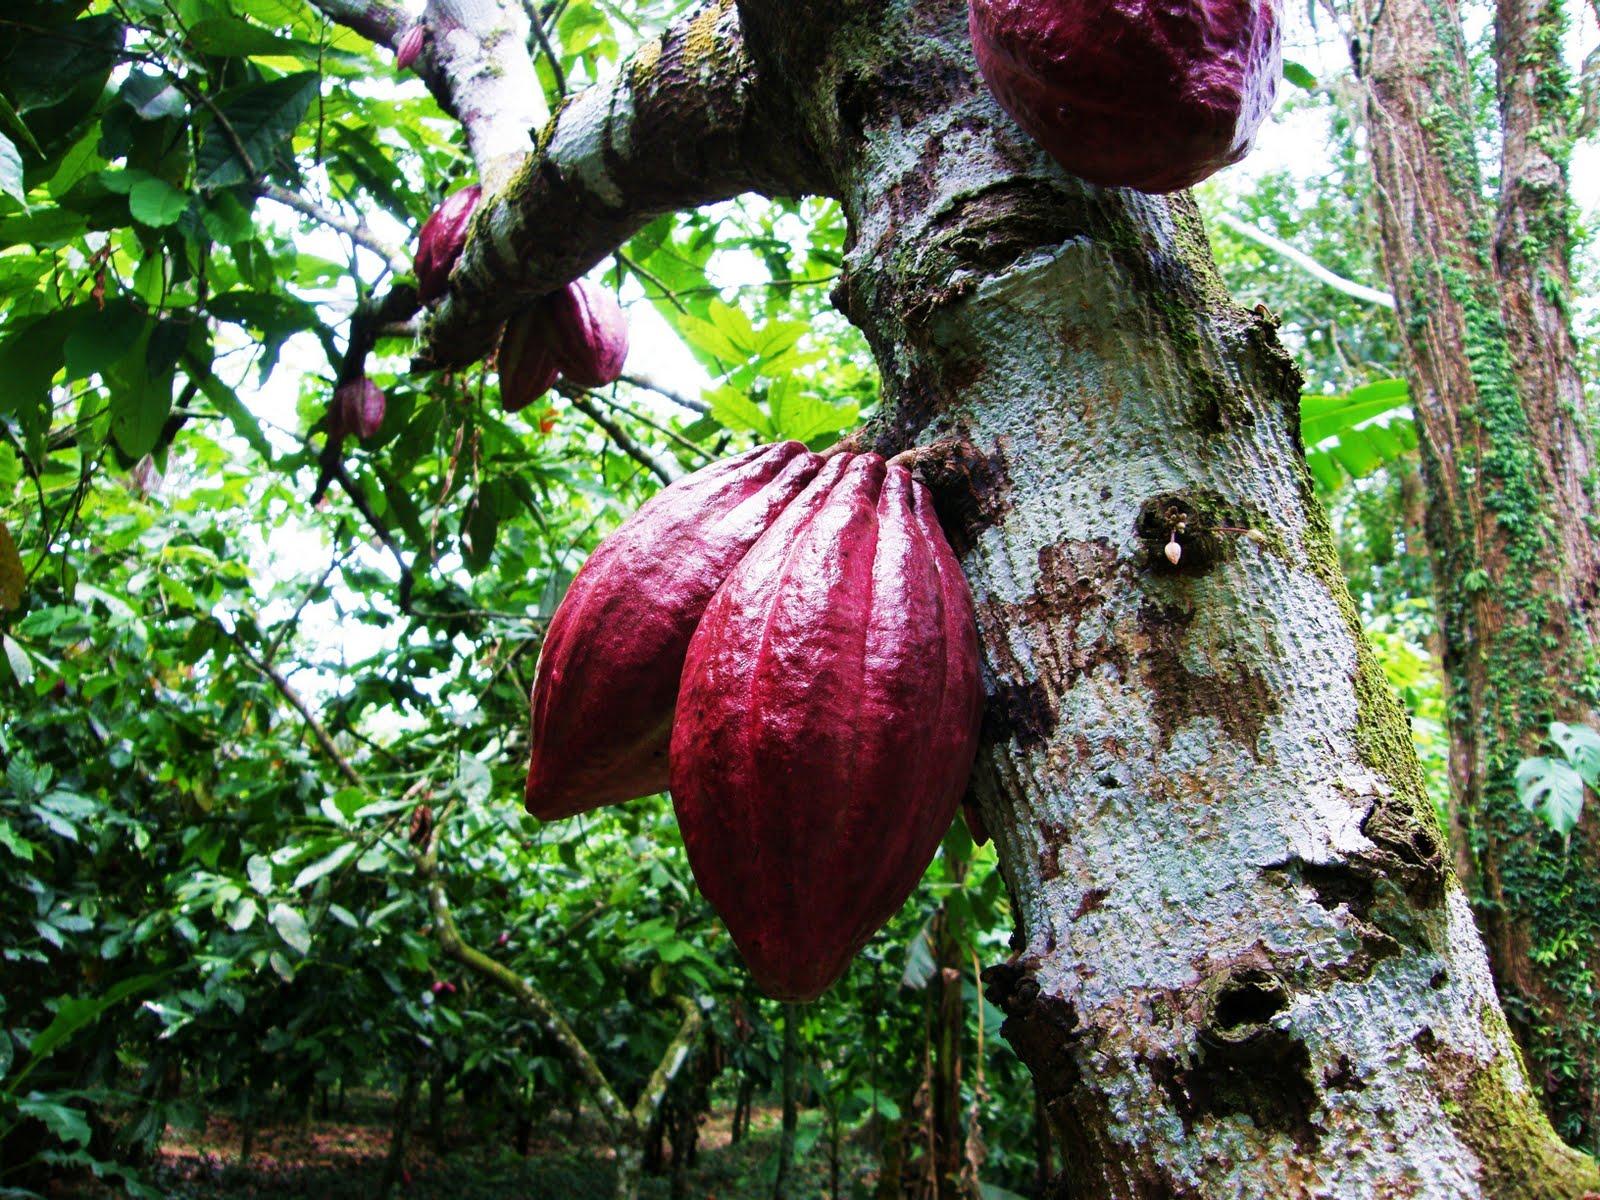 Tomásnomás: El cacao criollo es bueno, pero puede ser mejor1600 x 1200 jpeg 460kB